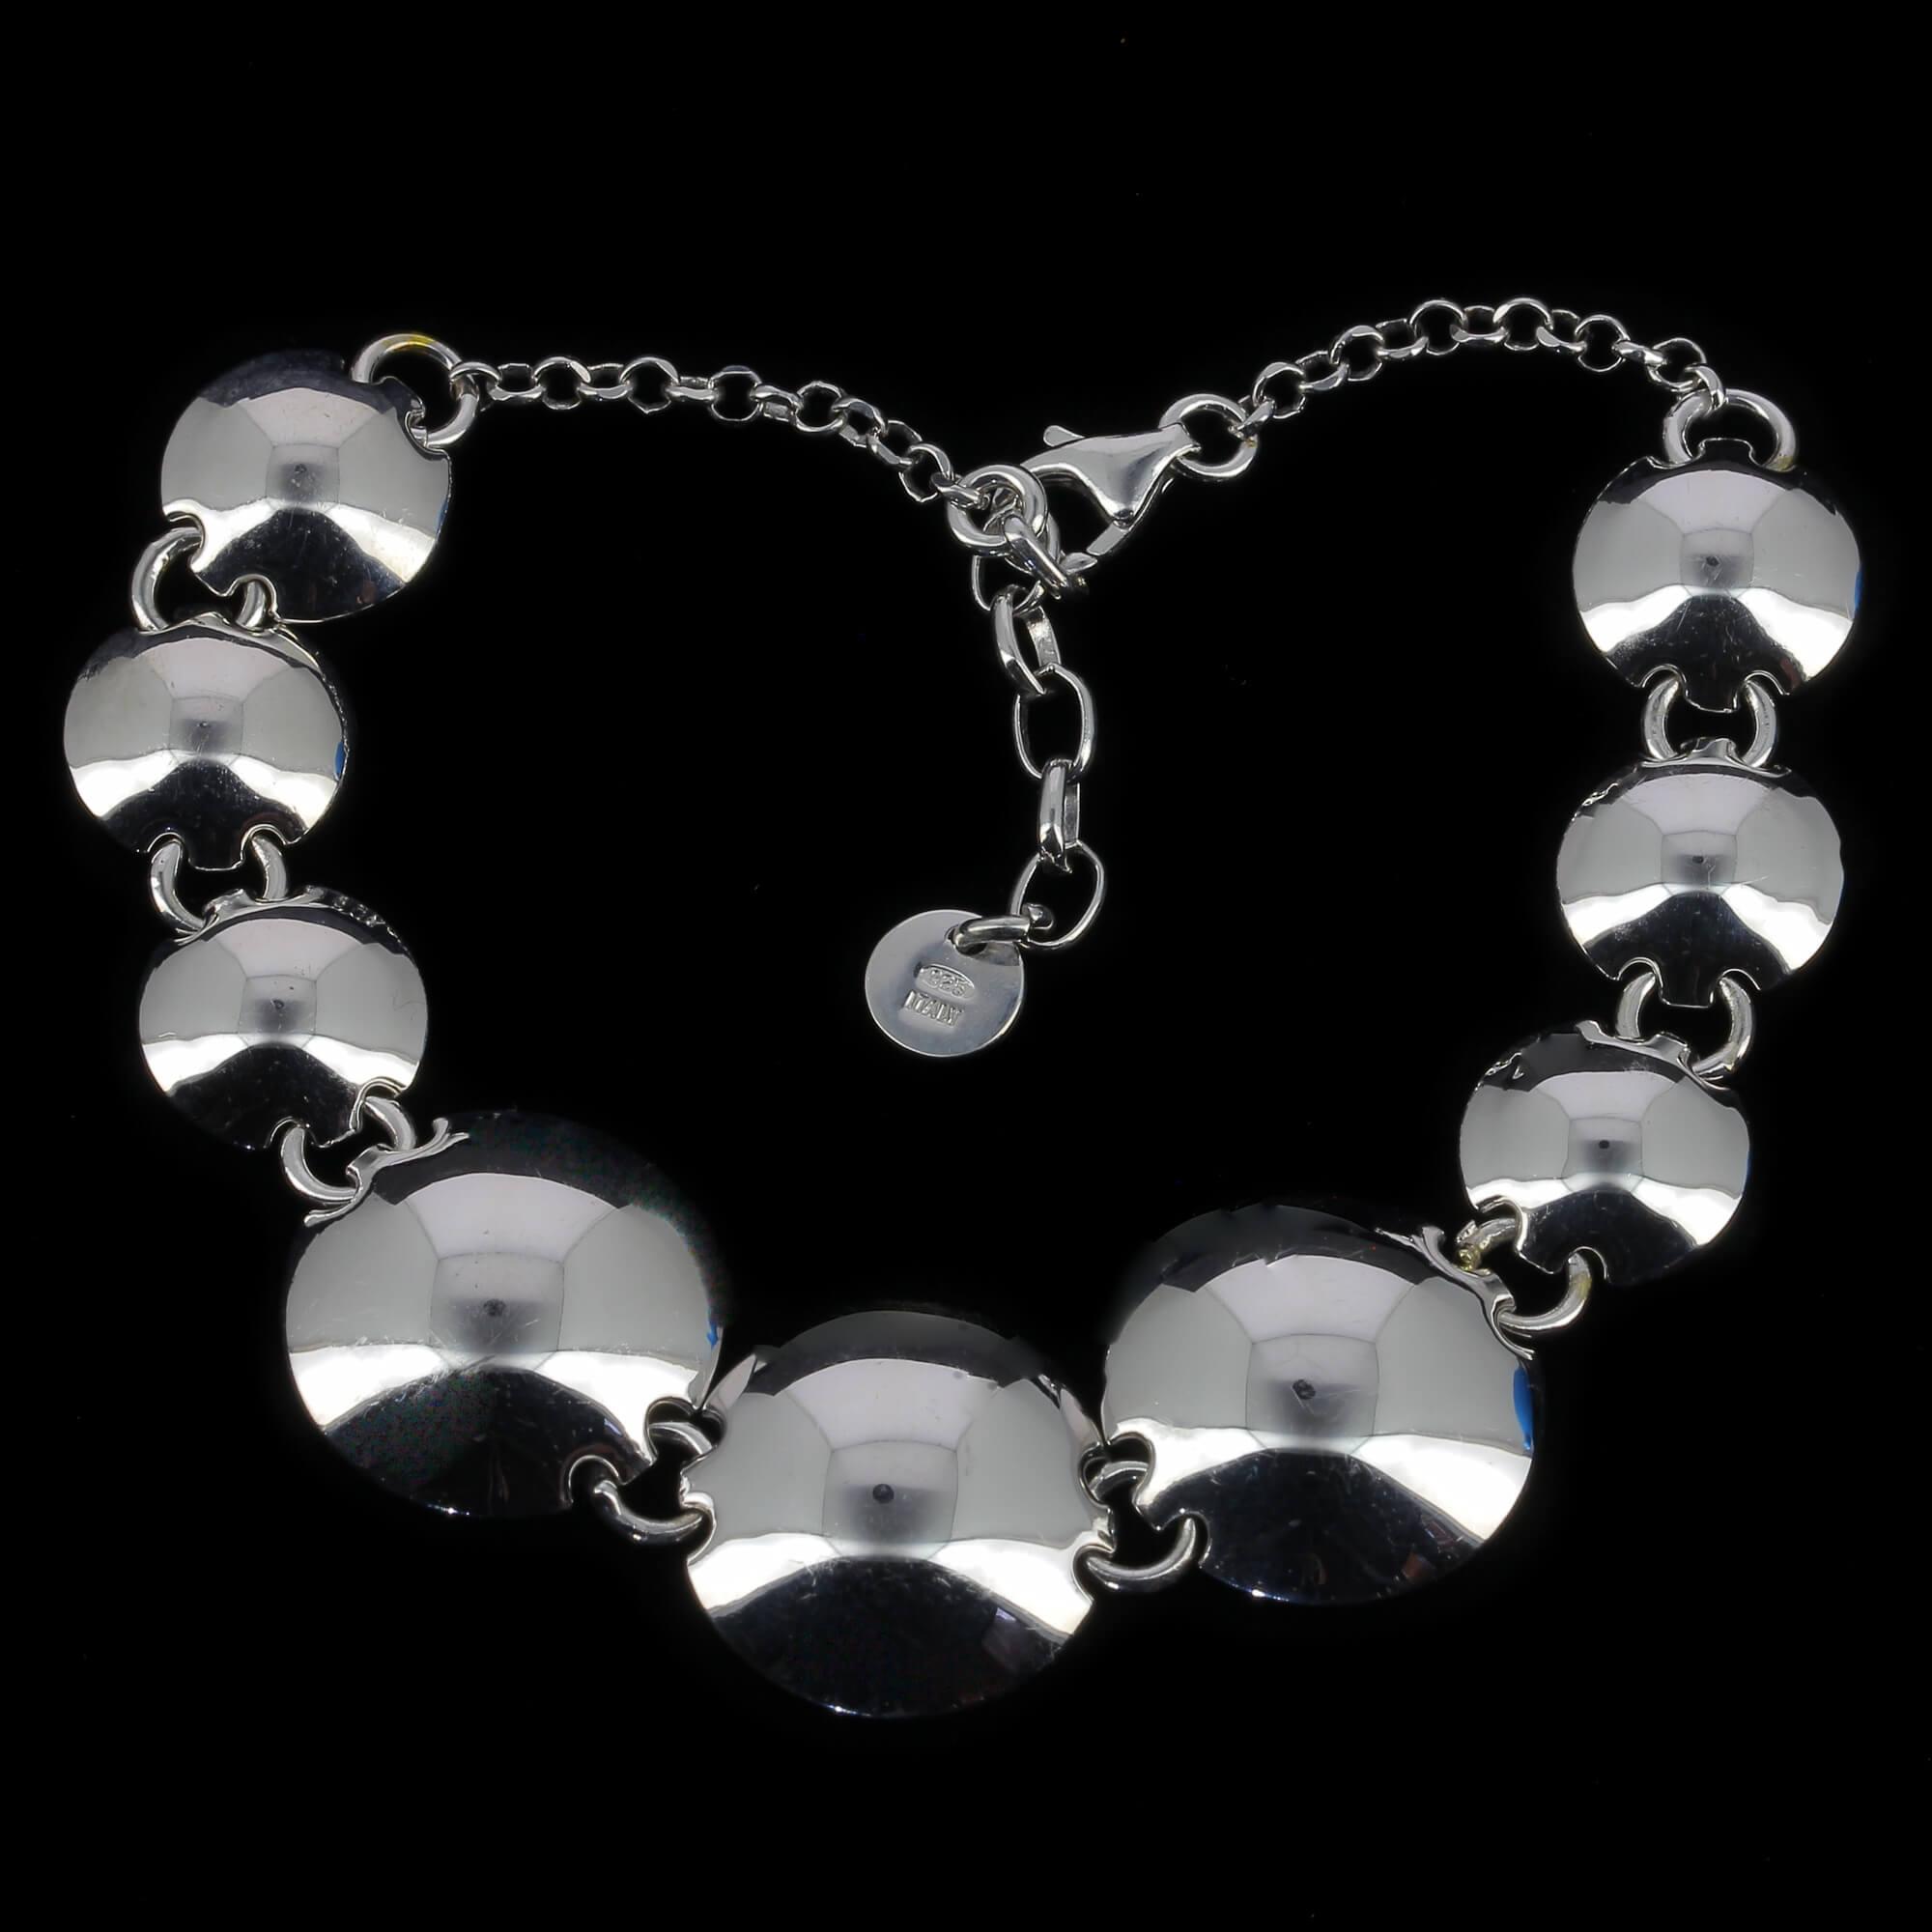 Schitterende zilveren armband met bolletjes